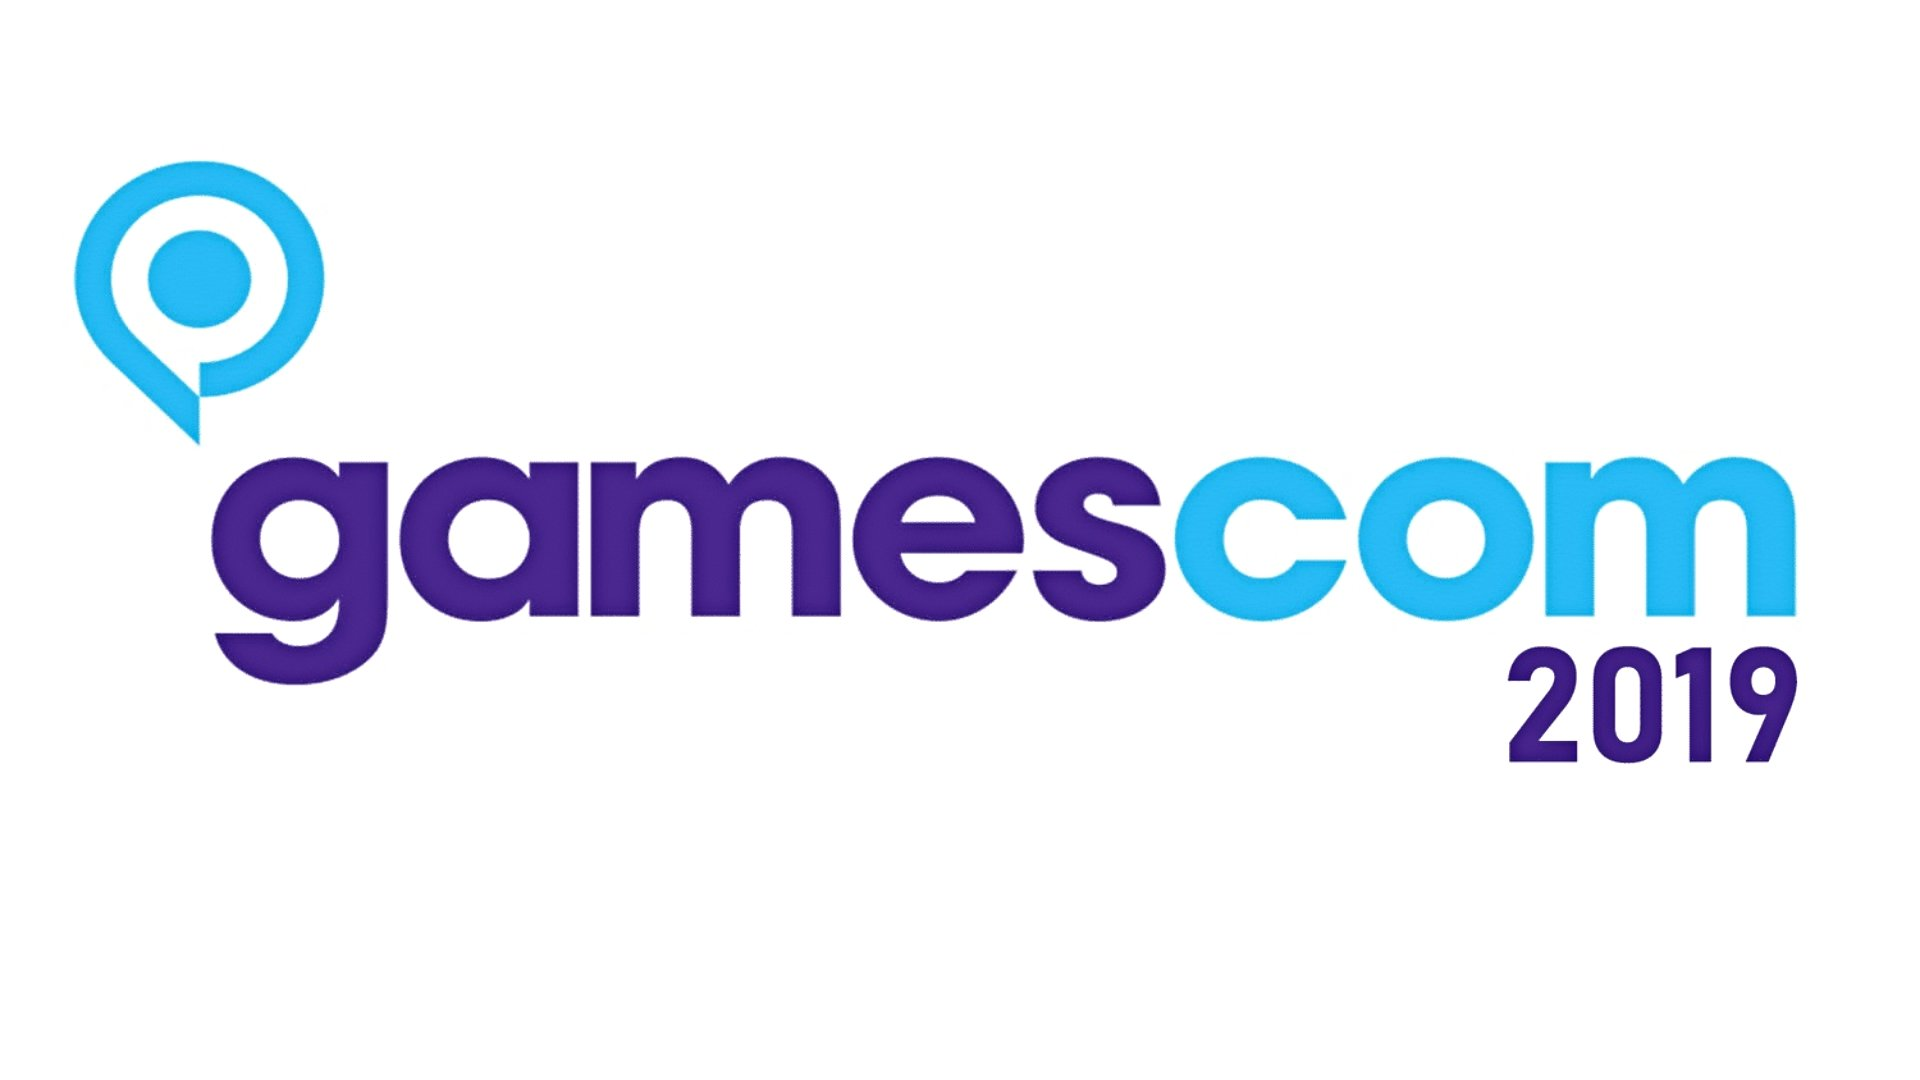 gamescom um dos maiores eventos de games do mundo